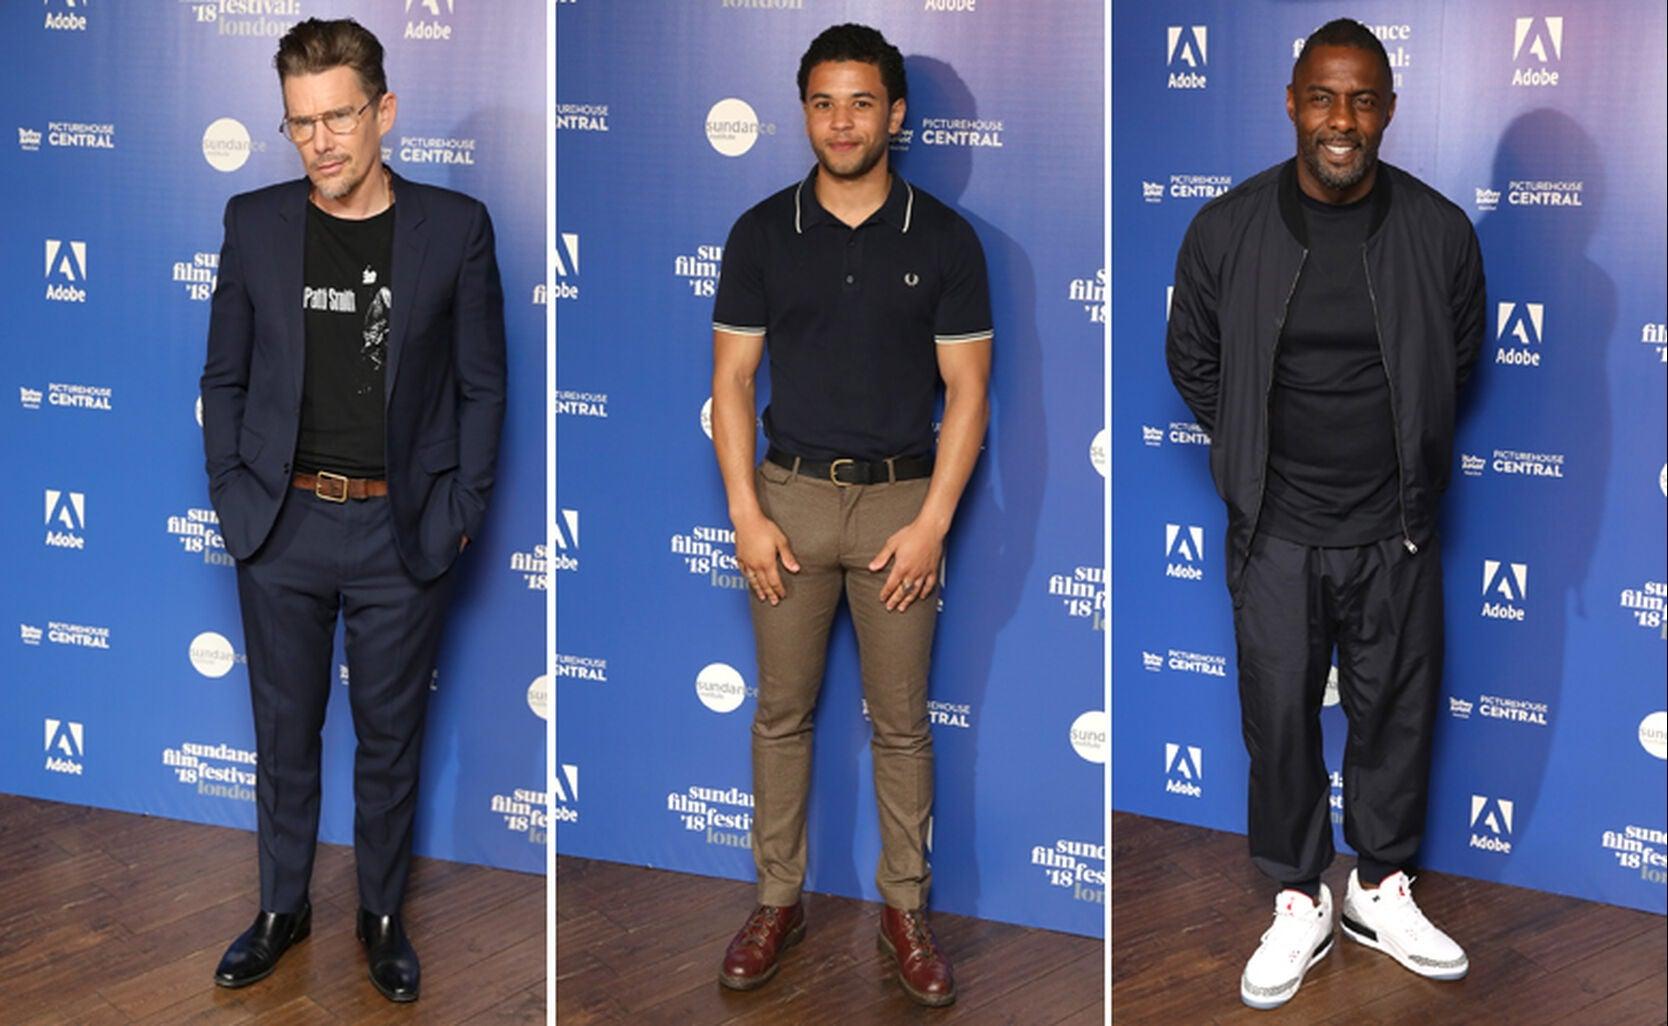 Ethan Hawke, Calvin Demba and Idris Elba